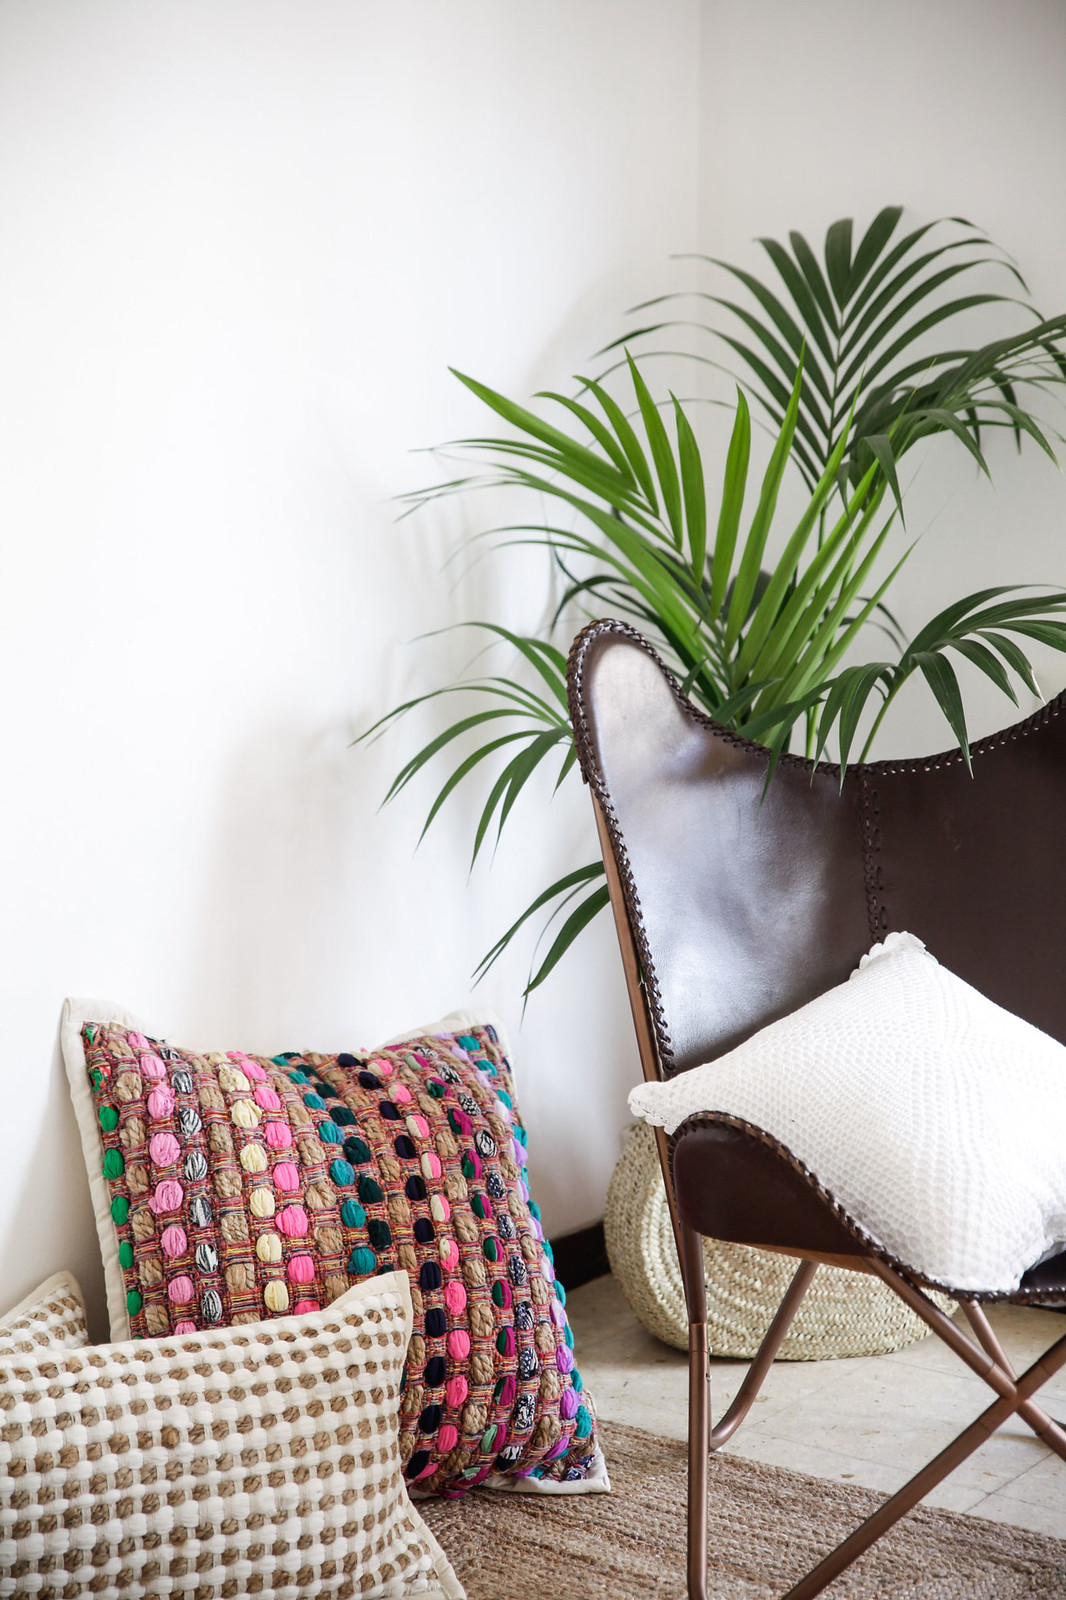 01_calma_house_ideas_decoracion_casa_cojines_bonitos_barcelona_boho_deco_theguestgirl_house_aloha_style_palmeras_casa_interior